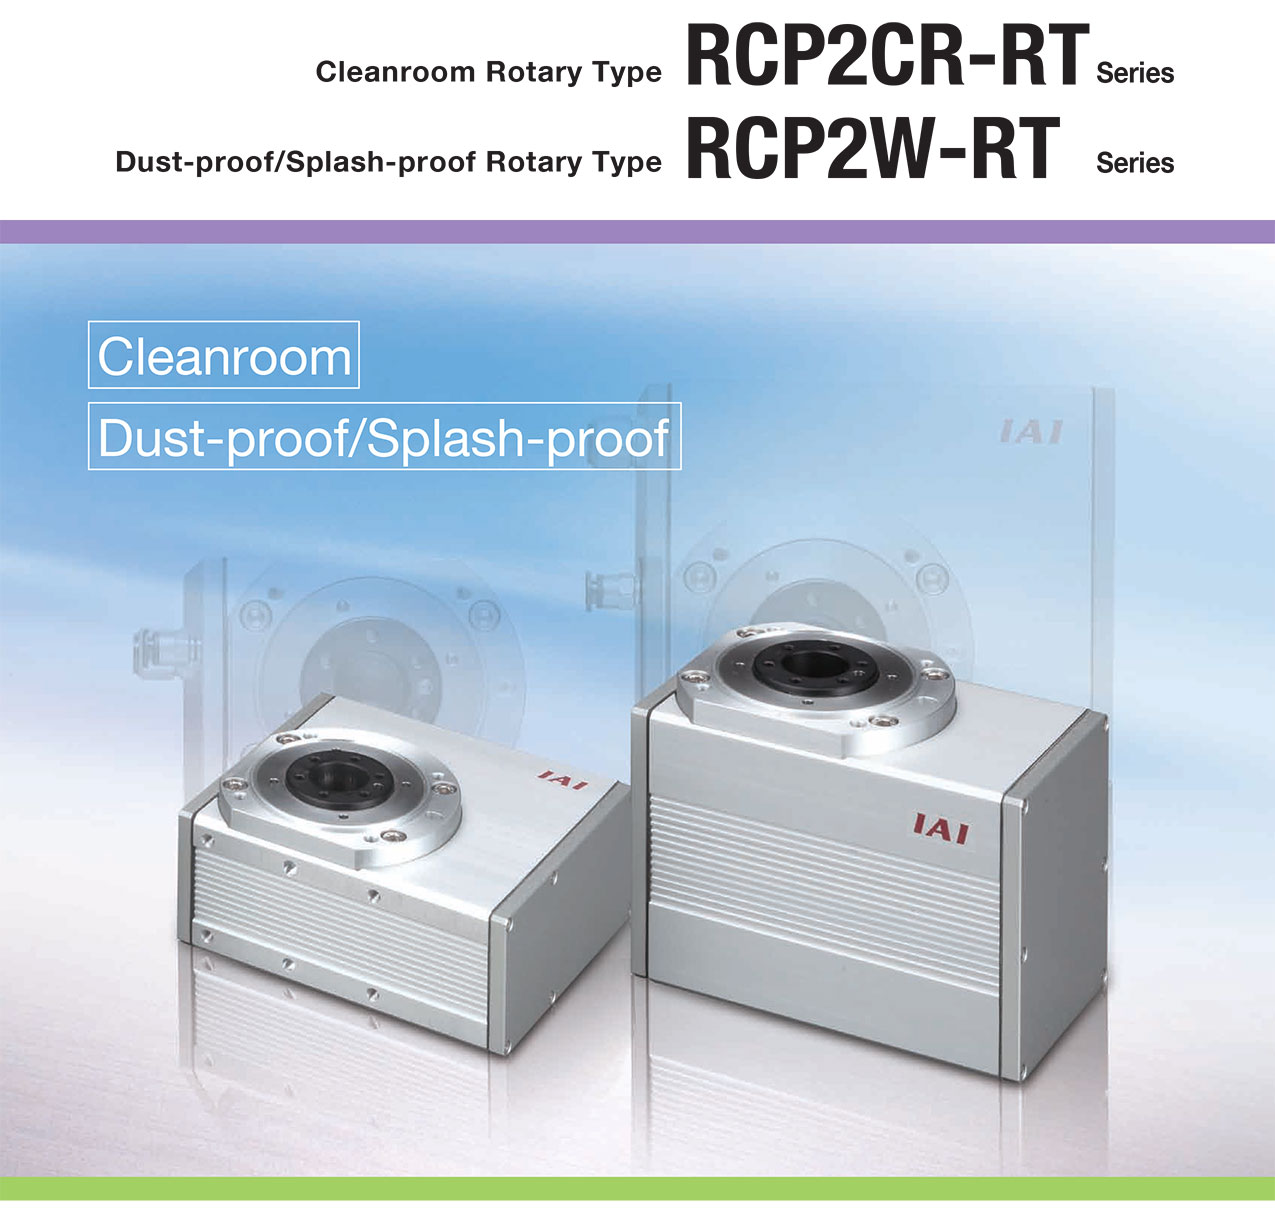 RCP2CR-GR/RCP2W-GR